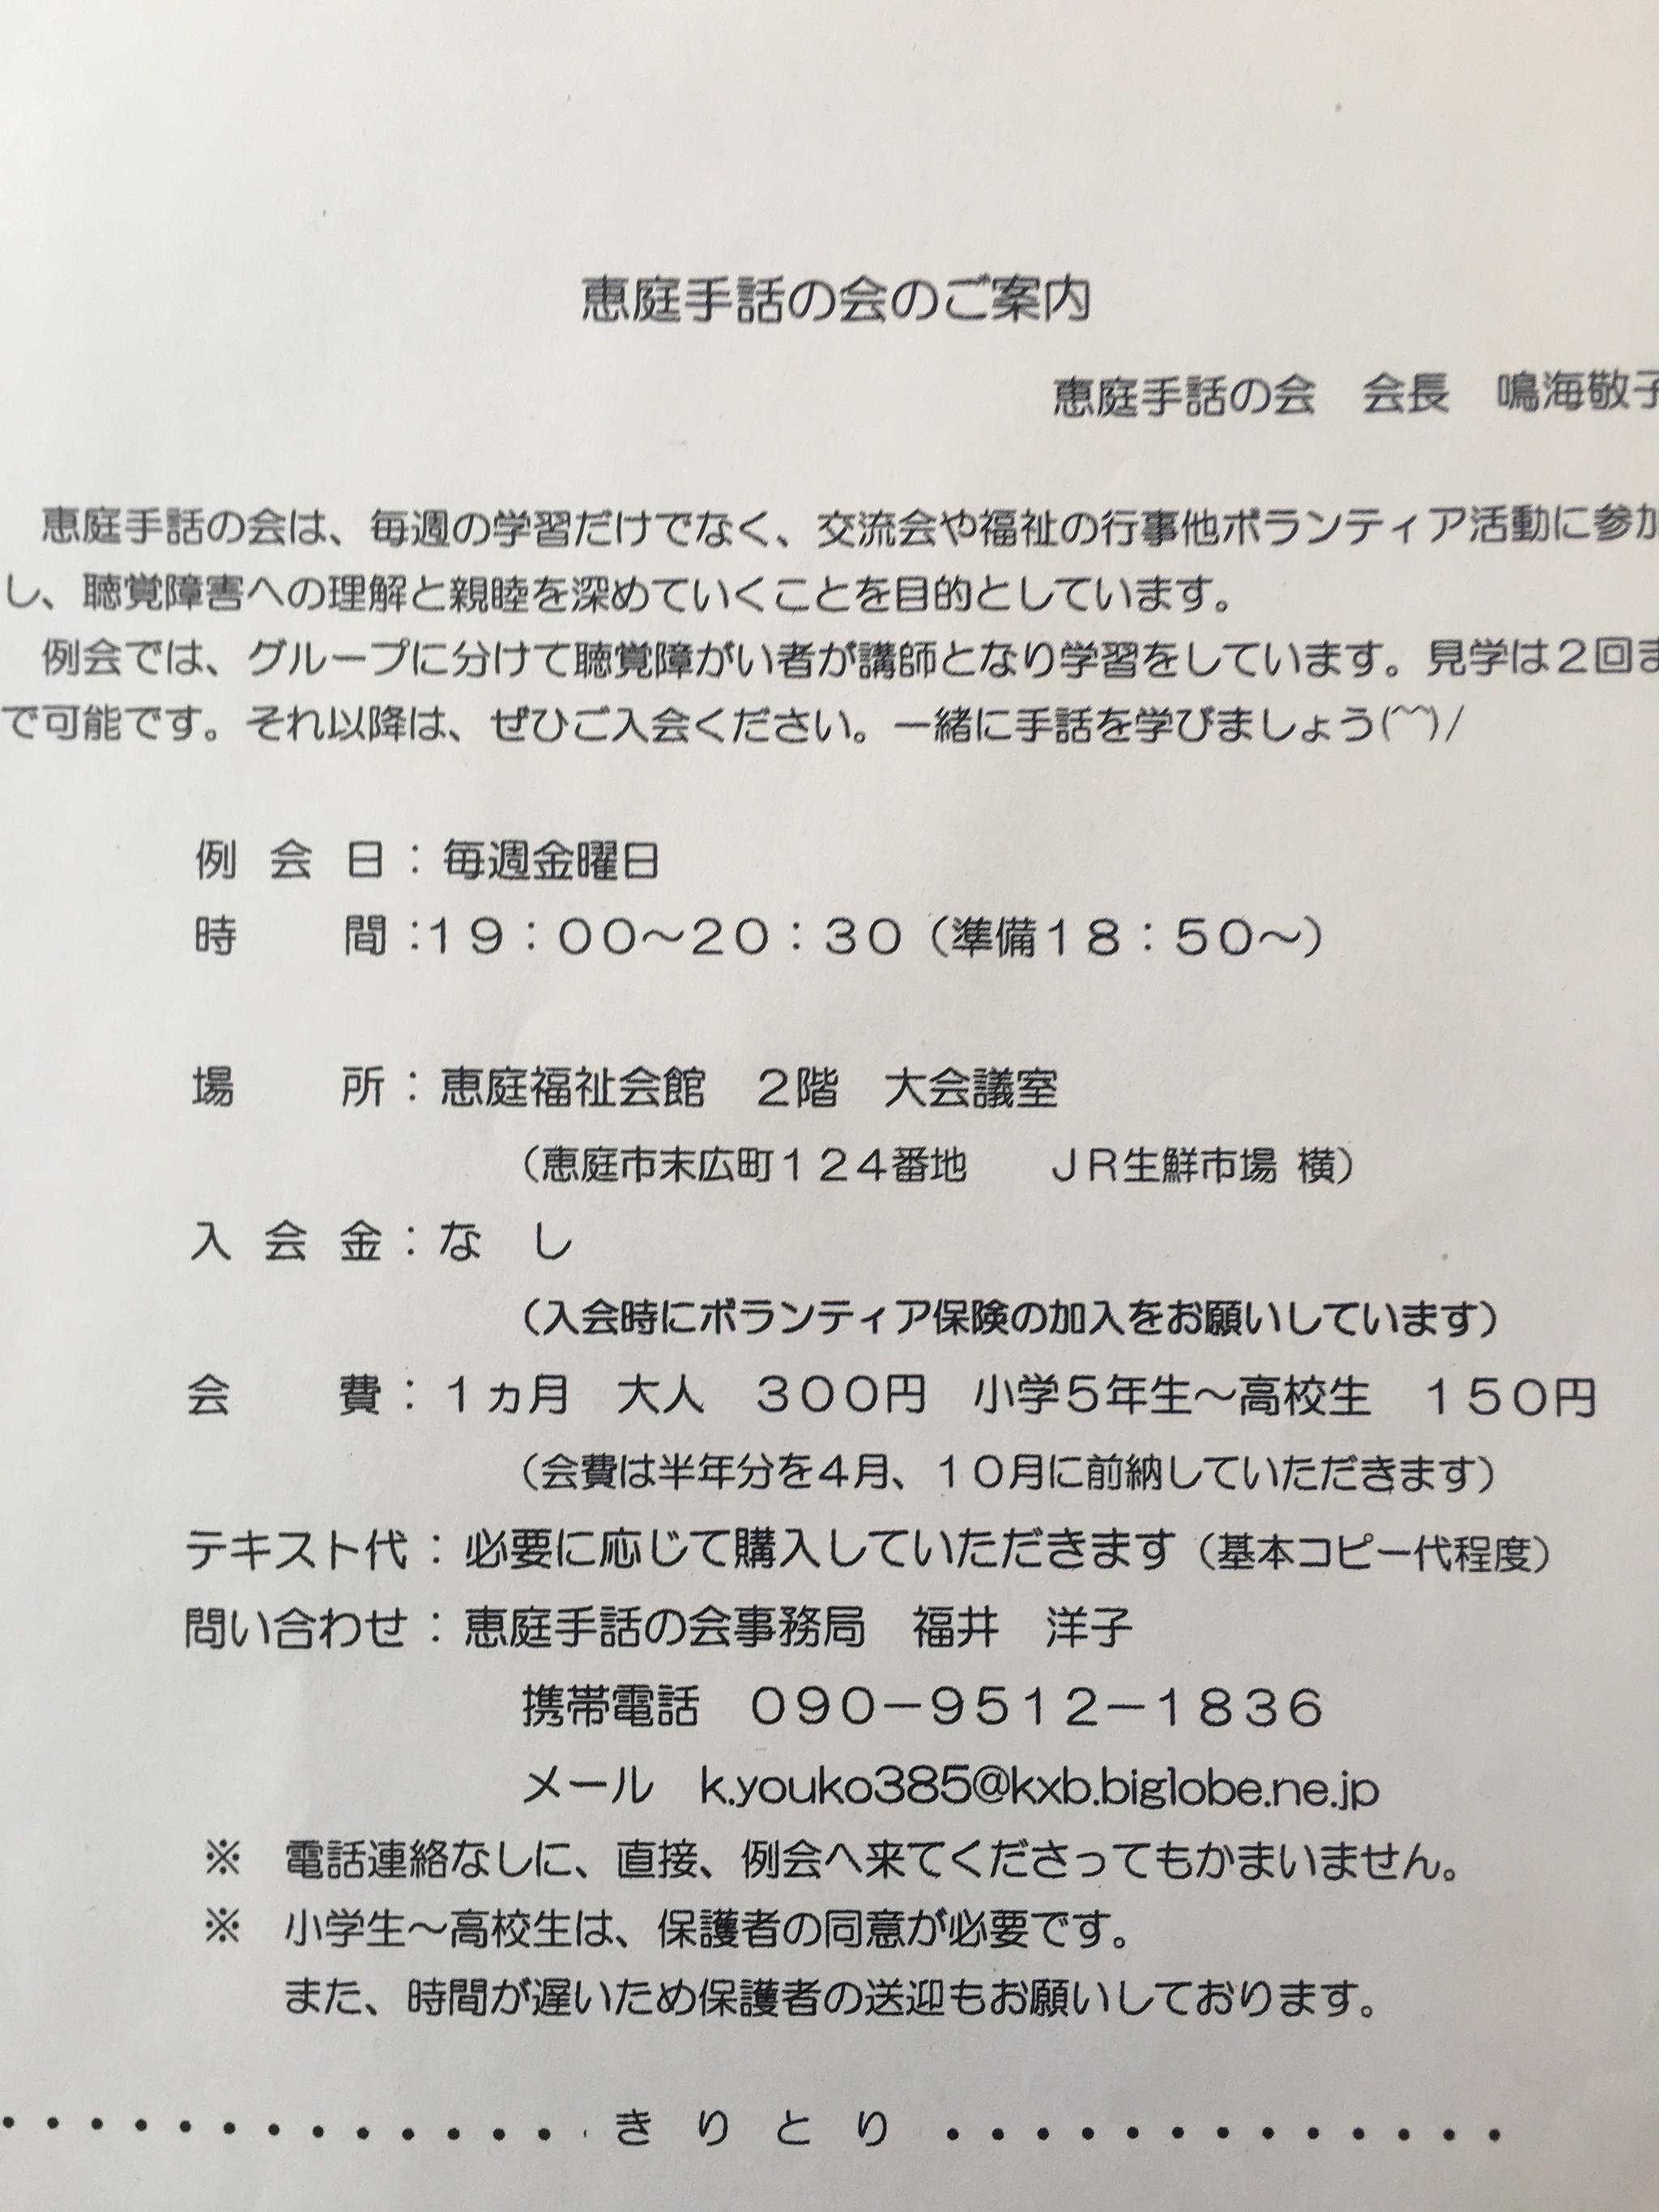 5月24日例会勉強の様子